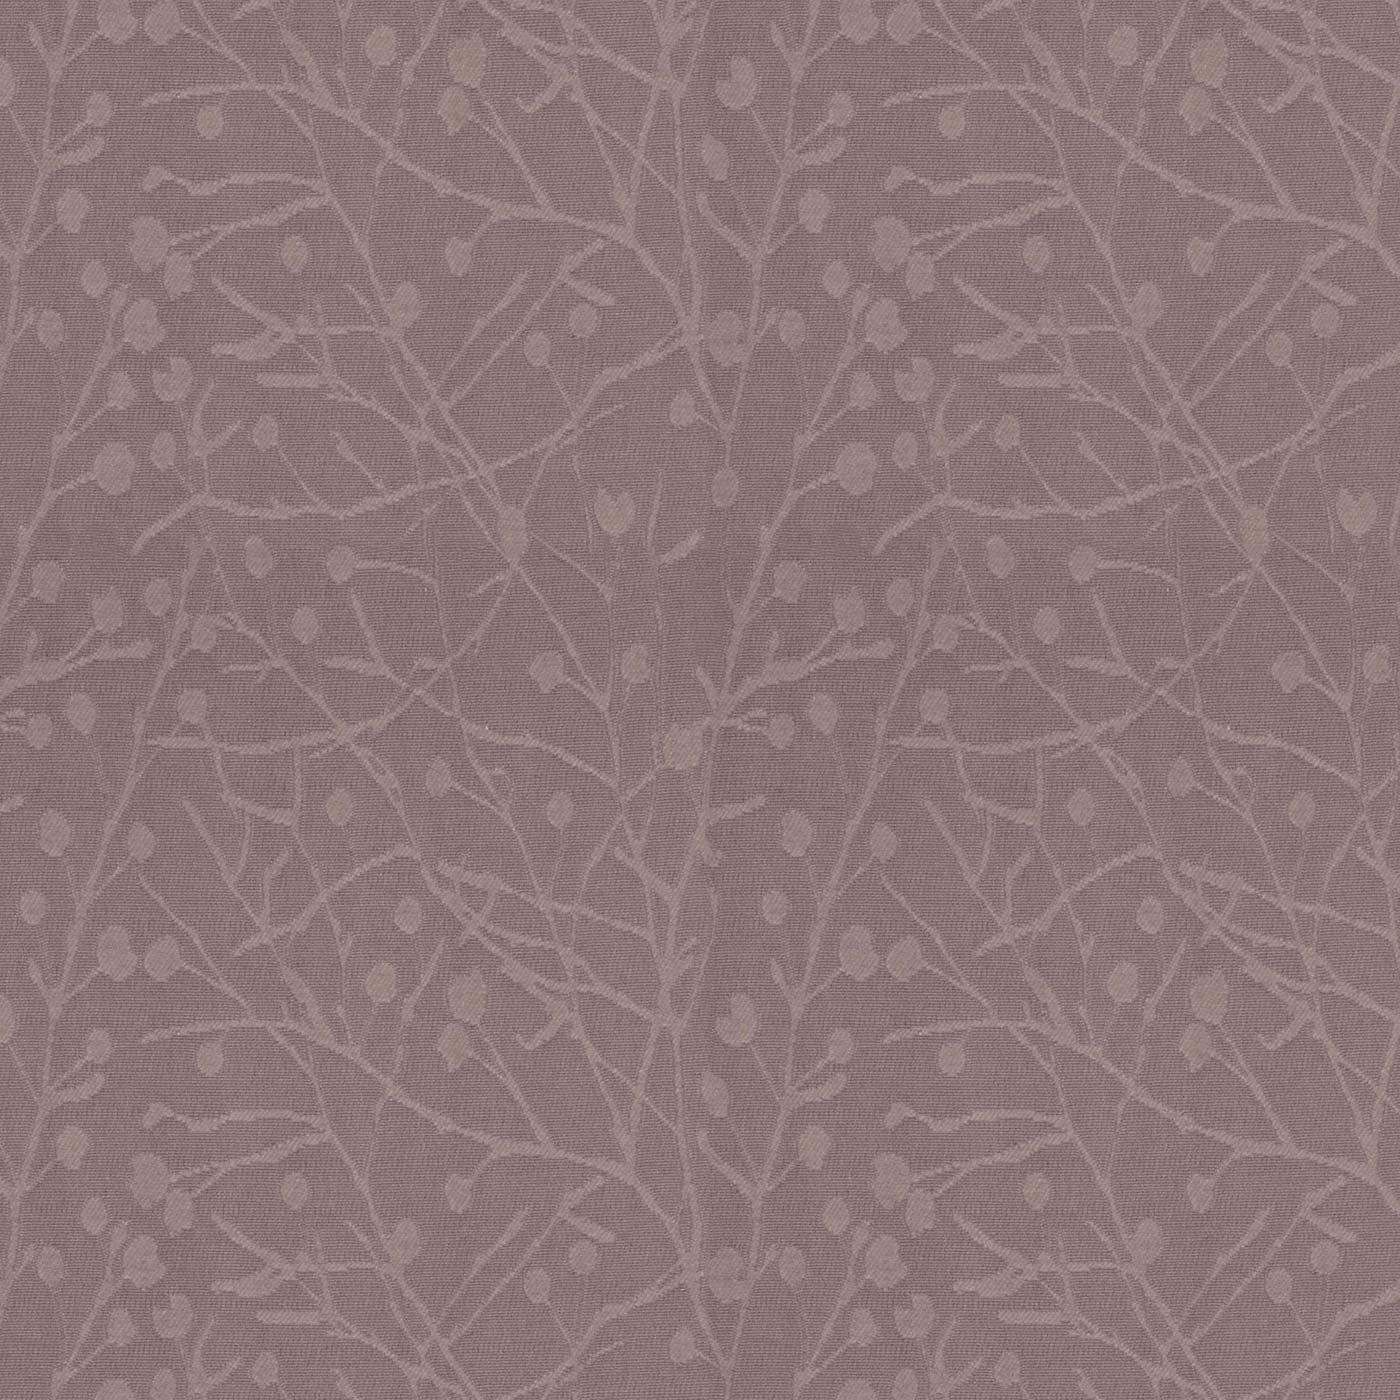 Kaiko Vintage Lavender